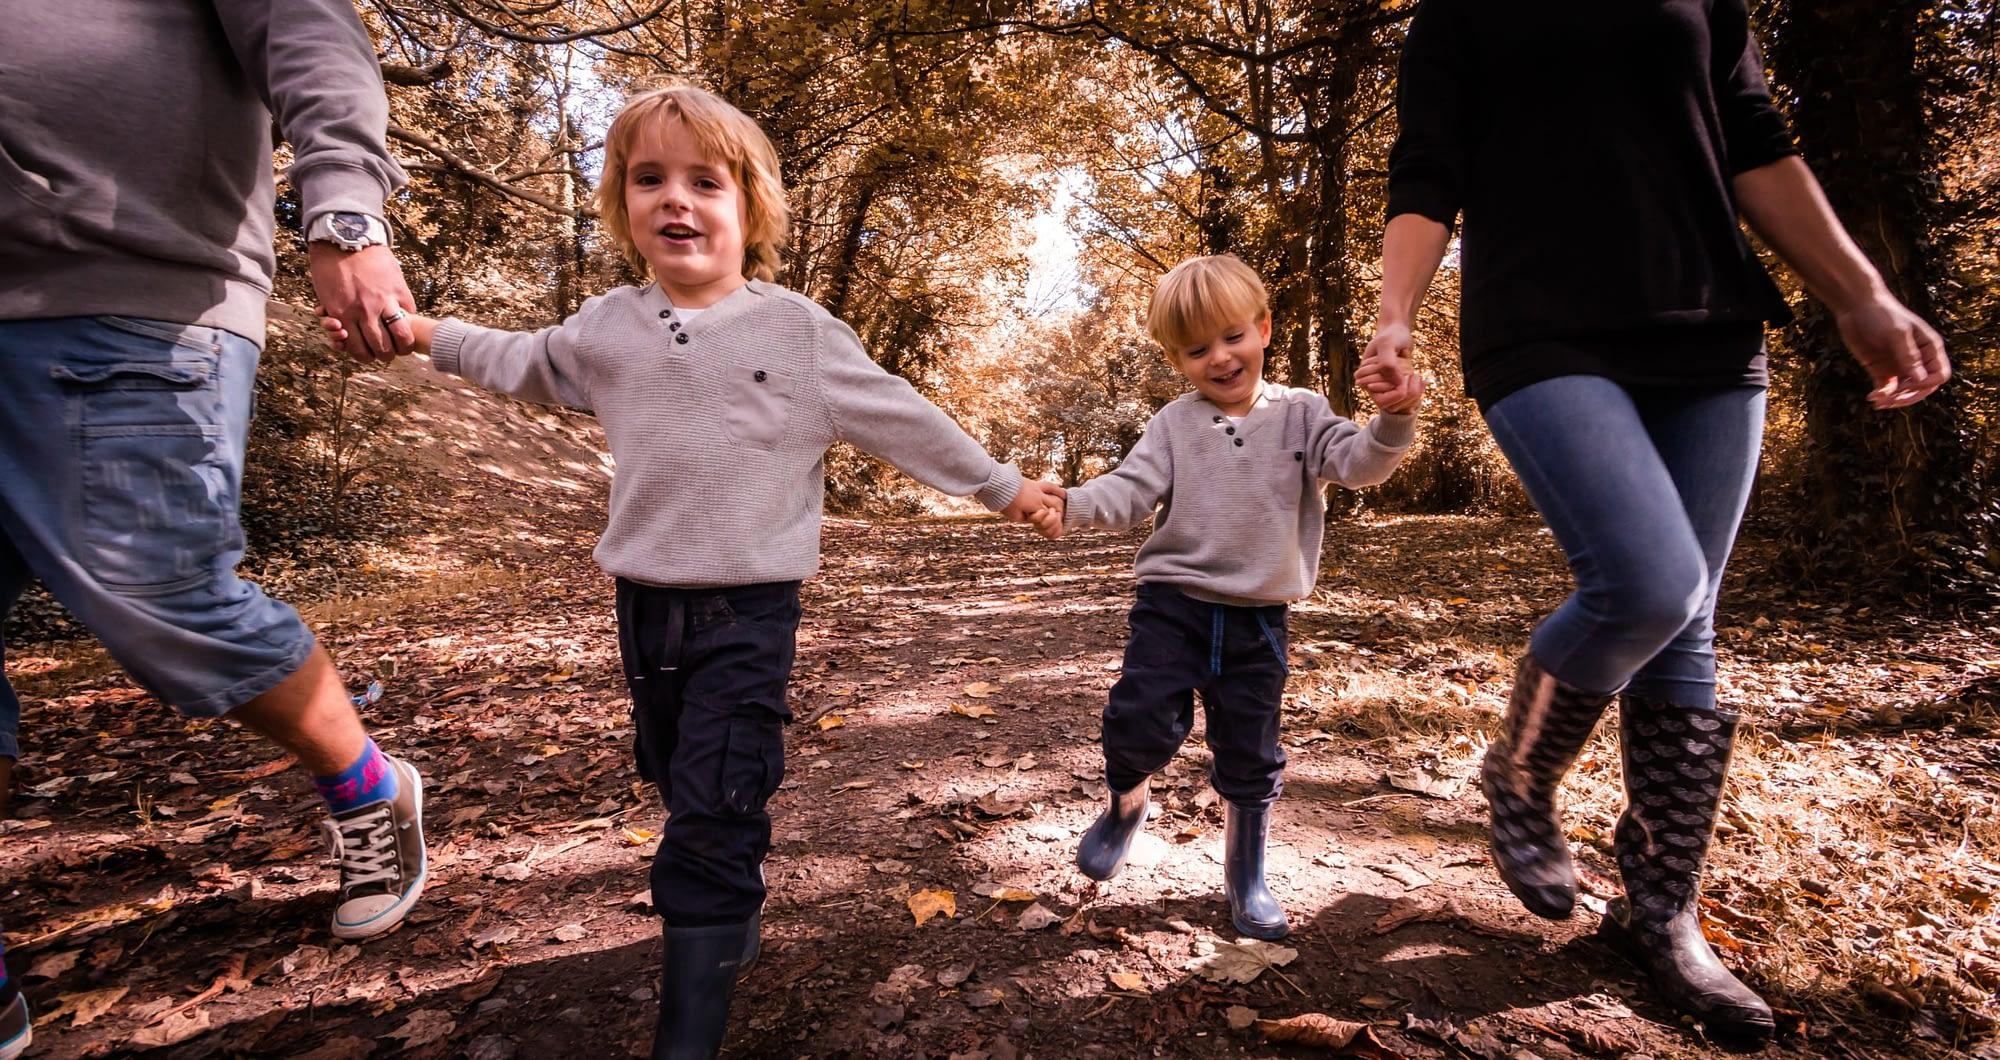 family walking through autumn leaves